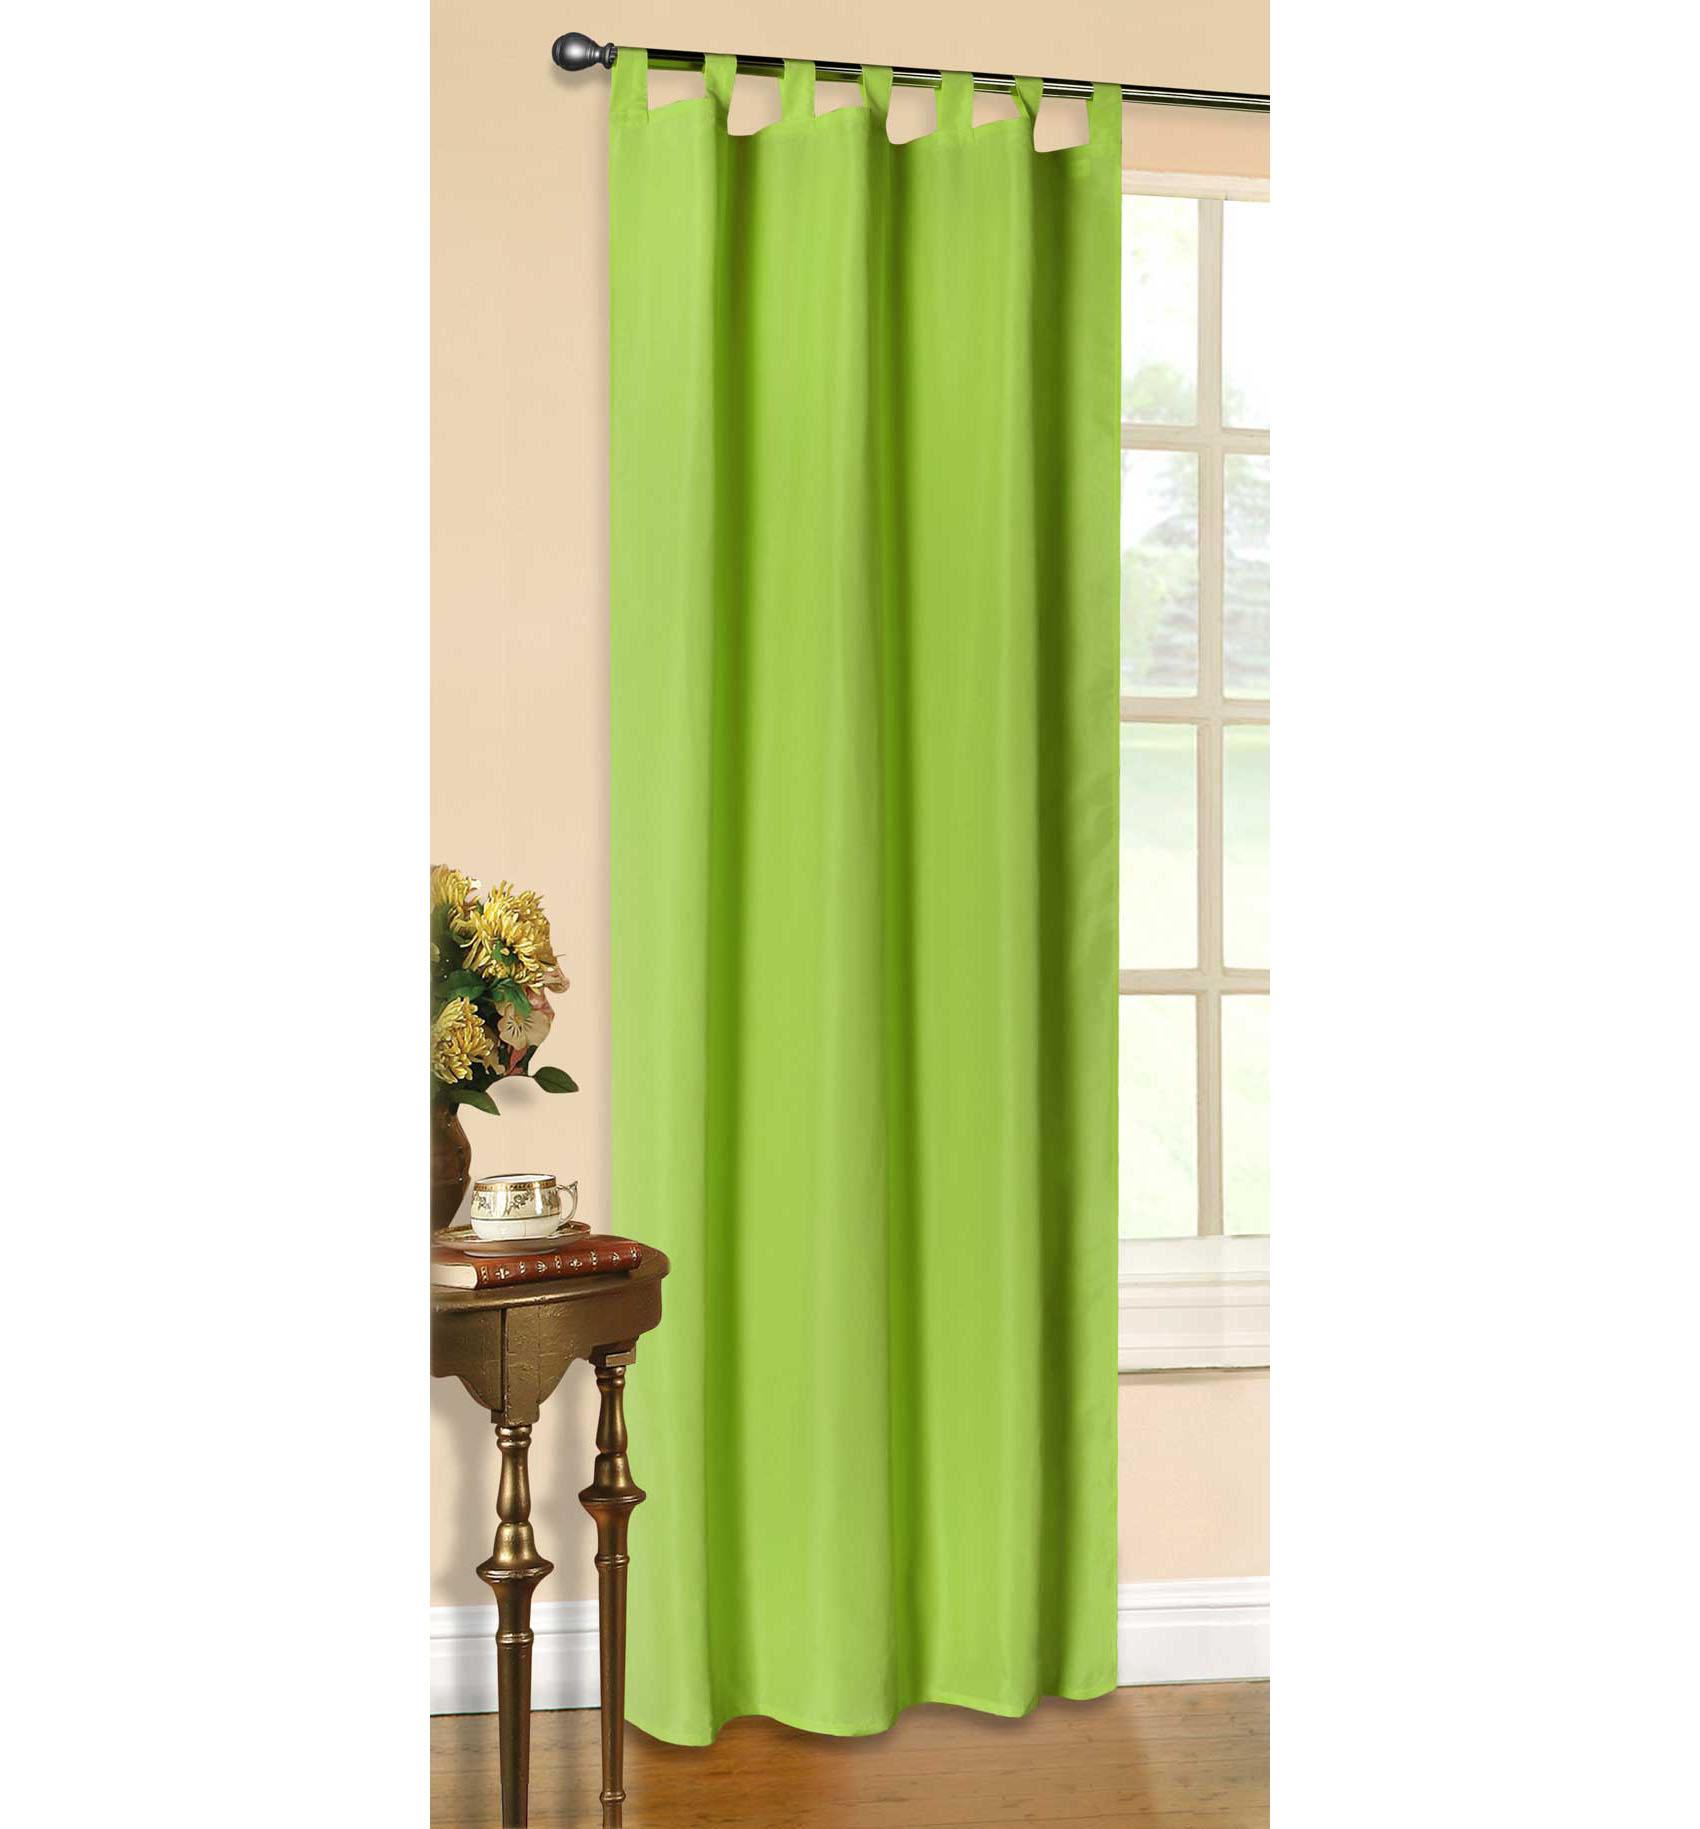 gardinen deko gardine mit kr uselband richtig aufh ngen. Black Bedroom Furniture Sets. Home Design Ideas